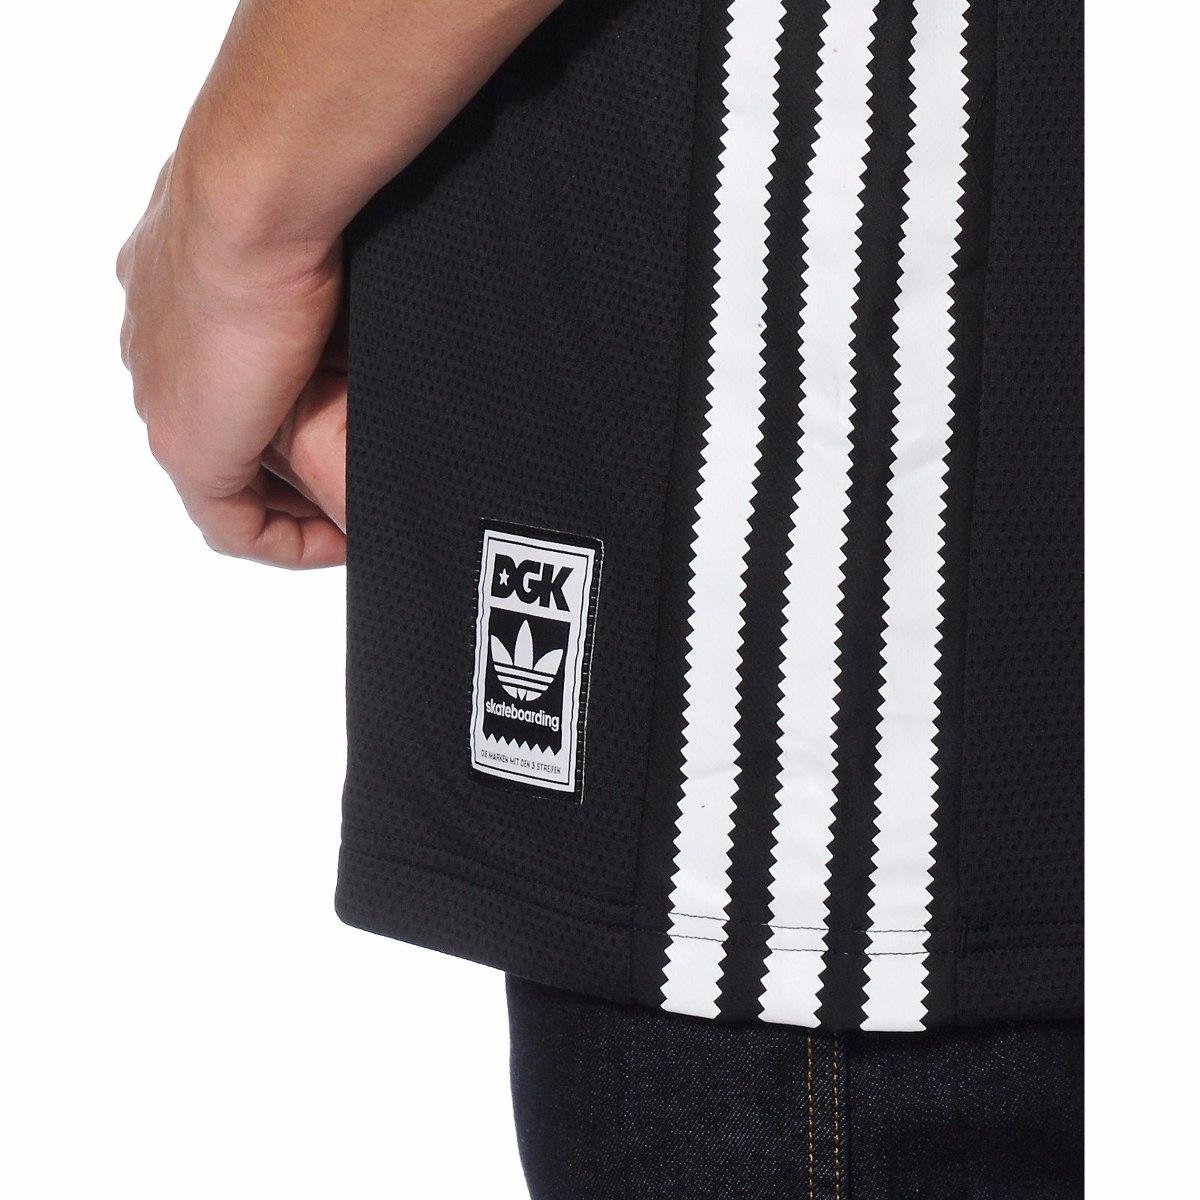 regata dgk x adidas b-ball jersey rodrigo tx preto original. Carregando  zoom. 89d7f04e3f4a1